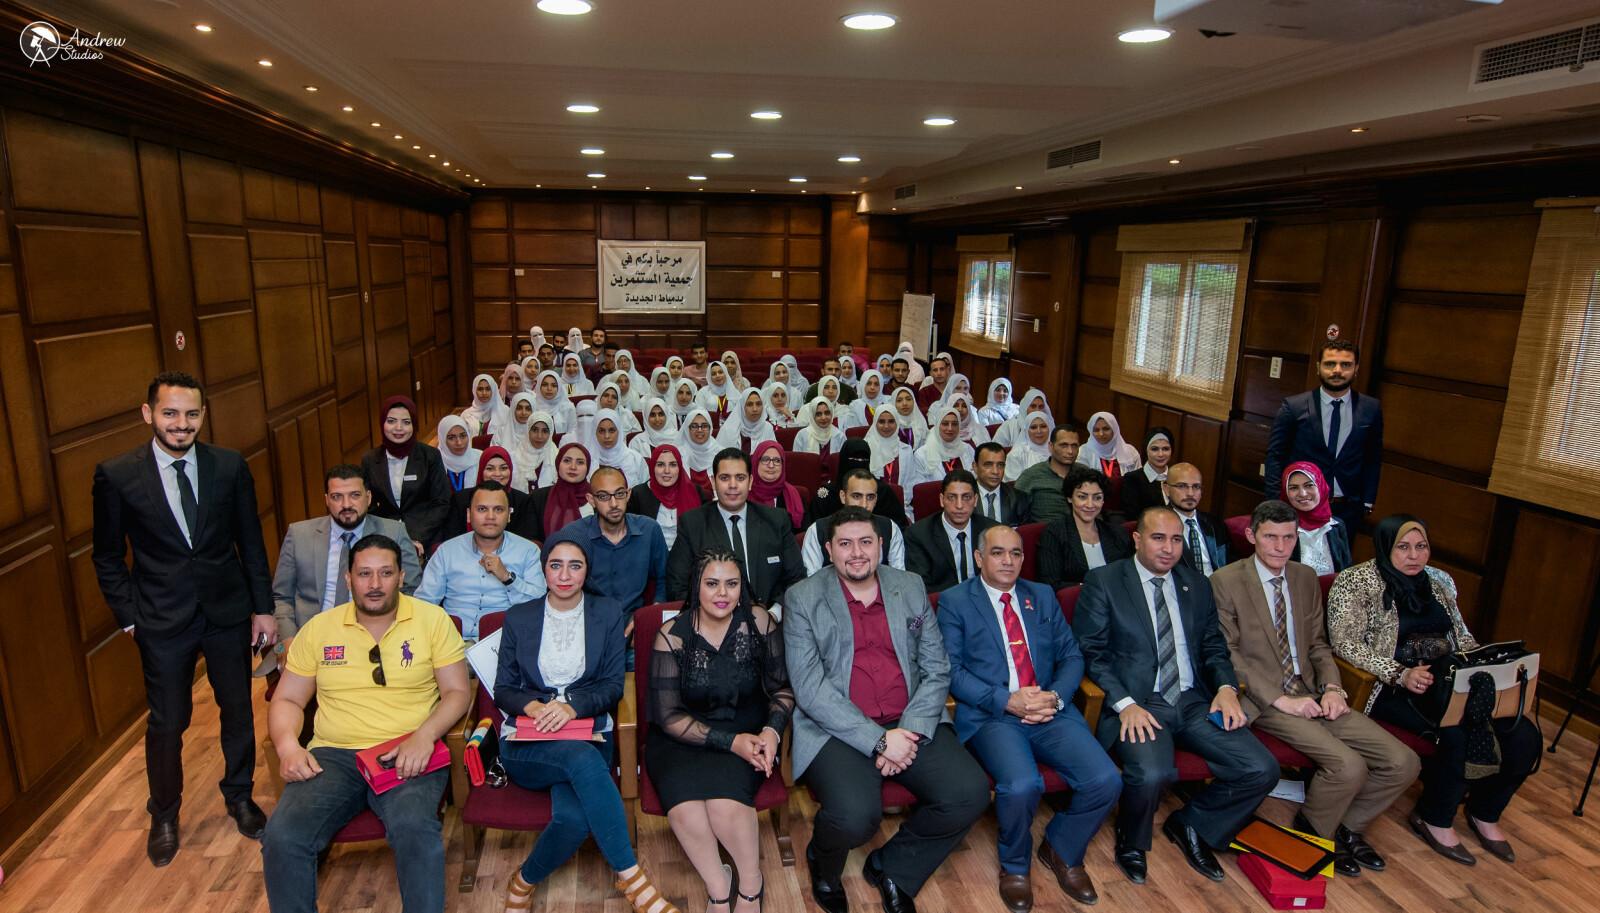 På første rad, foran ansatte og studenter ved Horus Academy, sitter Aihan Jaf i blå dress. Akademiet hentet inn egen fotograf for anledningen.